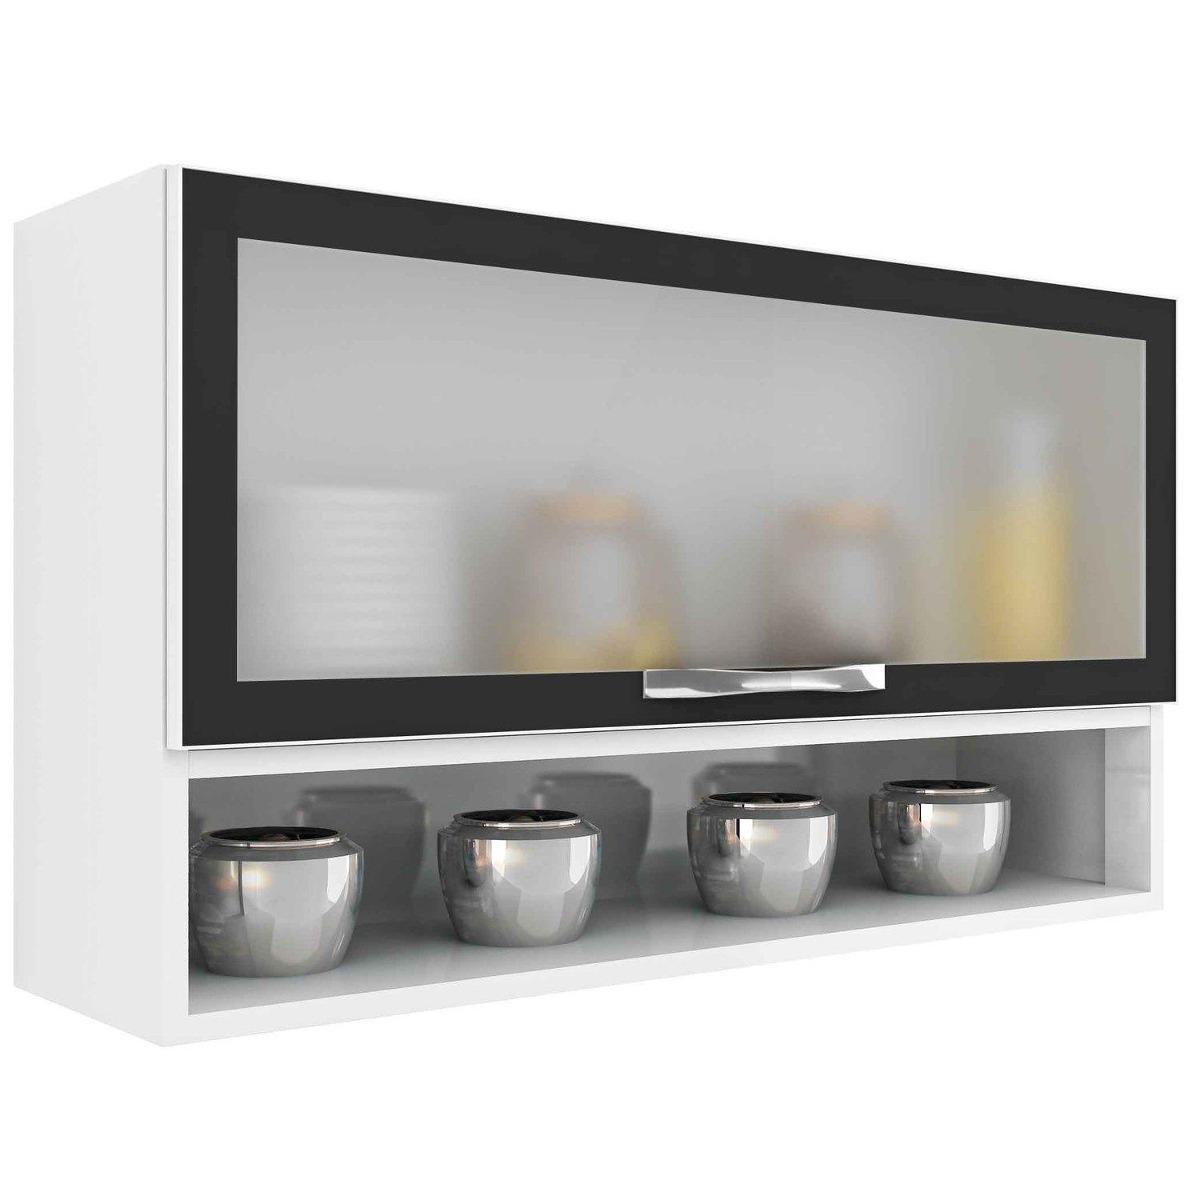 Aparador Embaixo Da Tv ~ Armário De Cozinha Aéreo Em Aço Casa Mob 1 Porta De Vidro R$ 319,89 em Mercado Livre